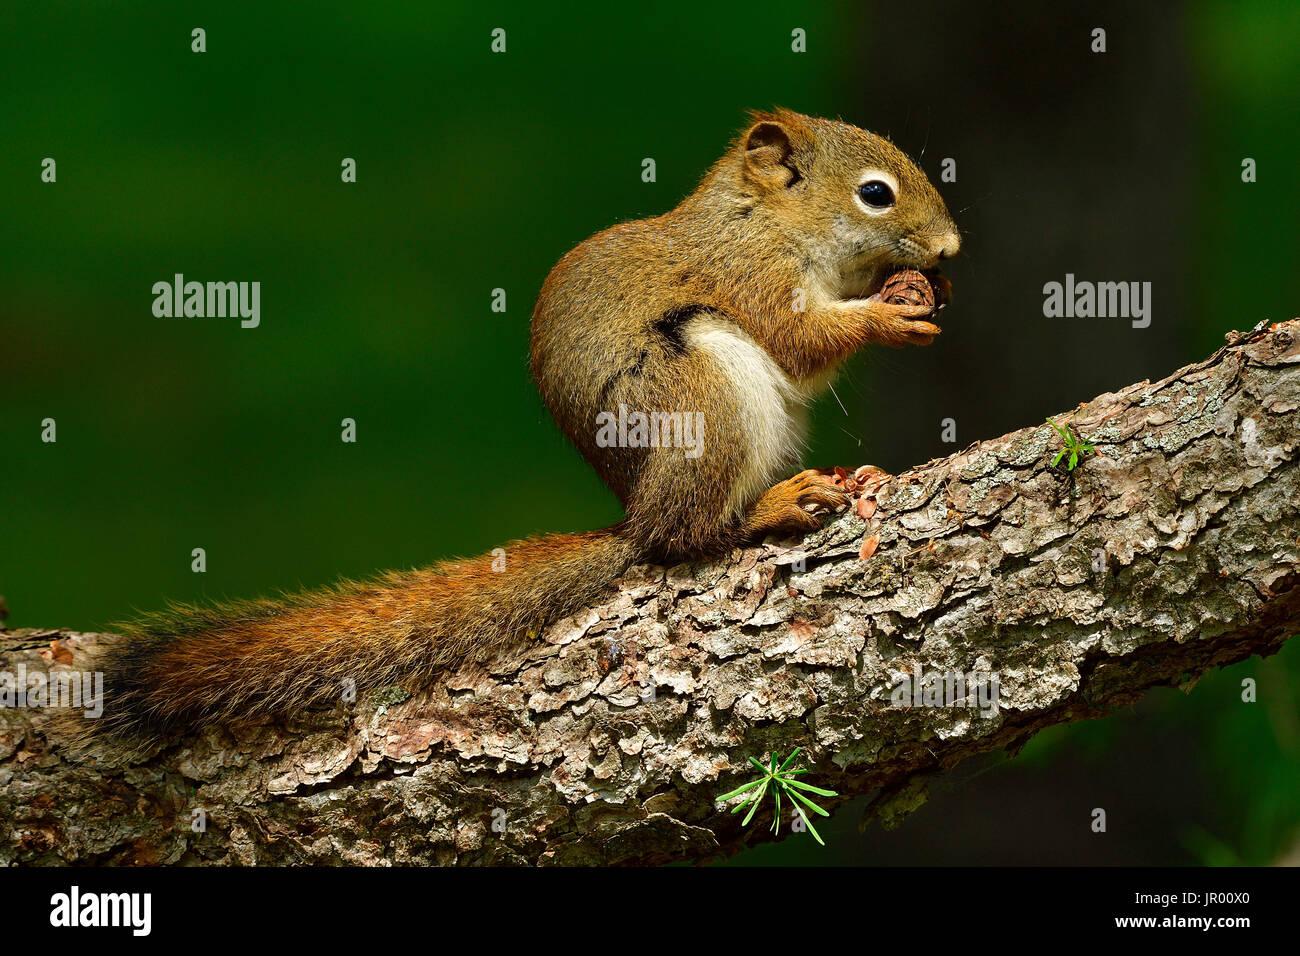 Ein rotes Eichhörnchen (Tamiasciurus hudsonicus); sitzen auf einem Ast Holding eine Fichte Kegel zwischen seinen Pfoten. Stockbild